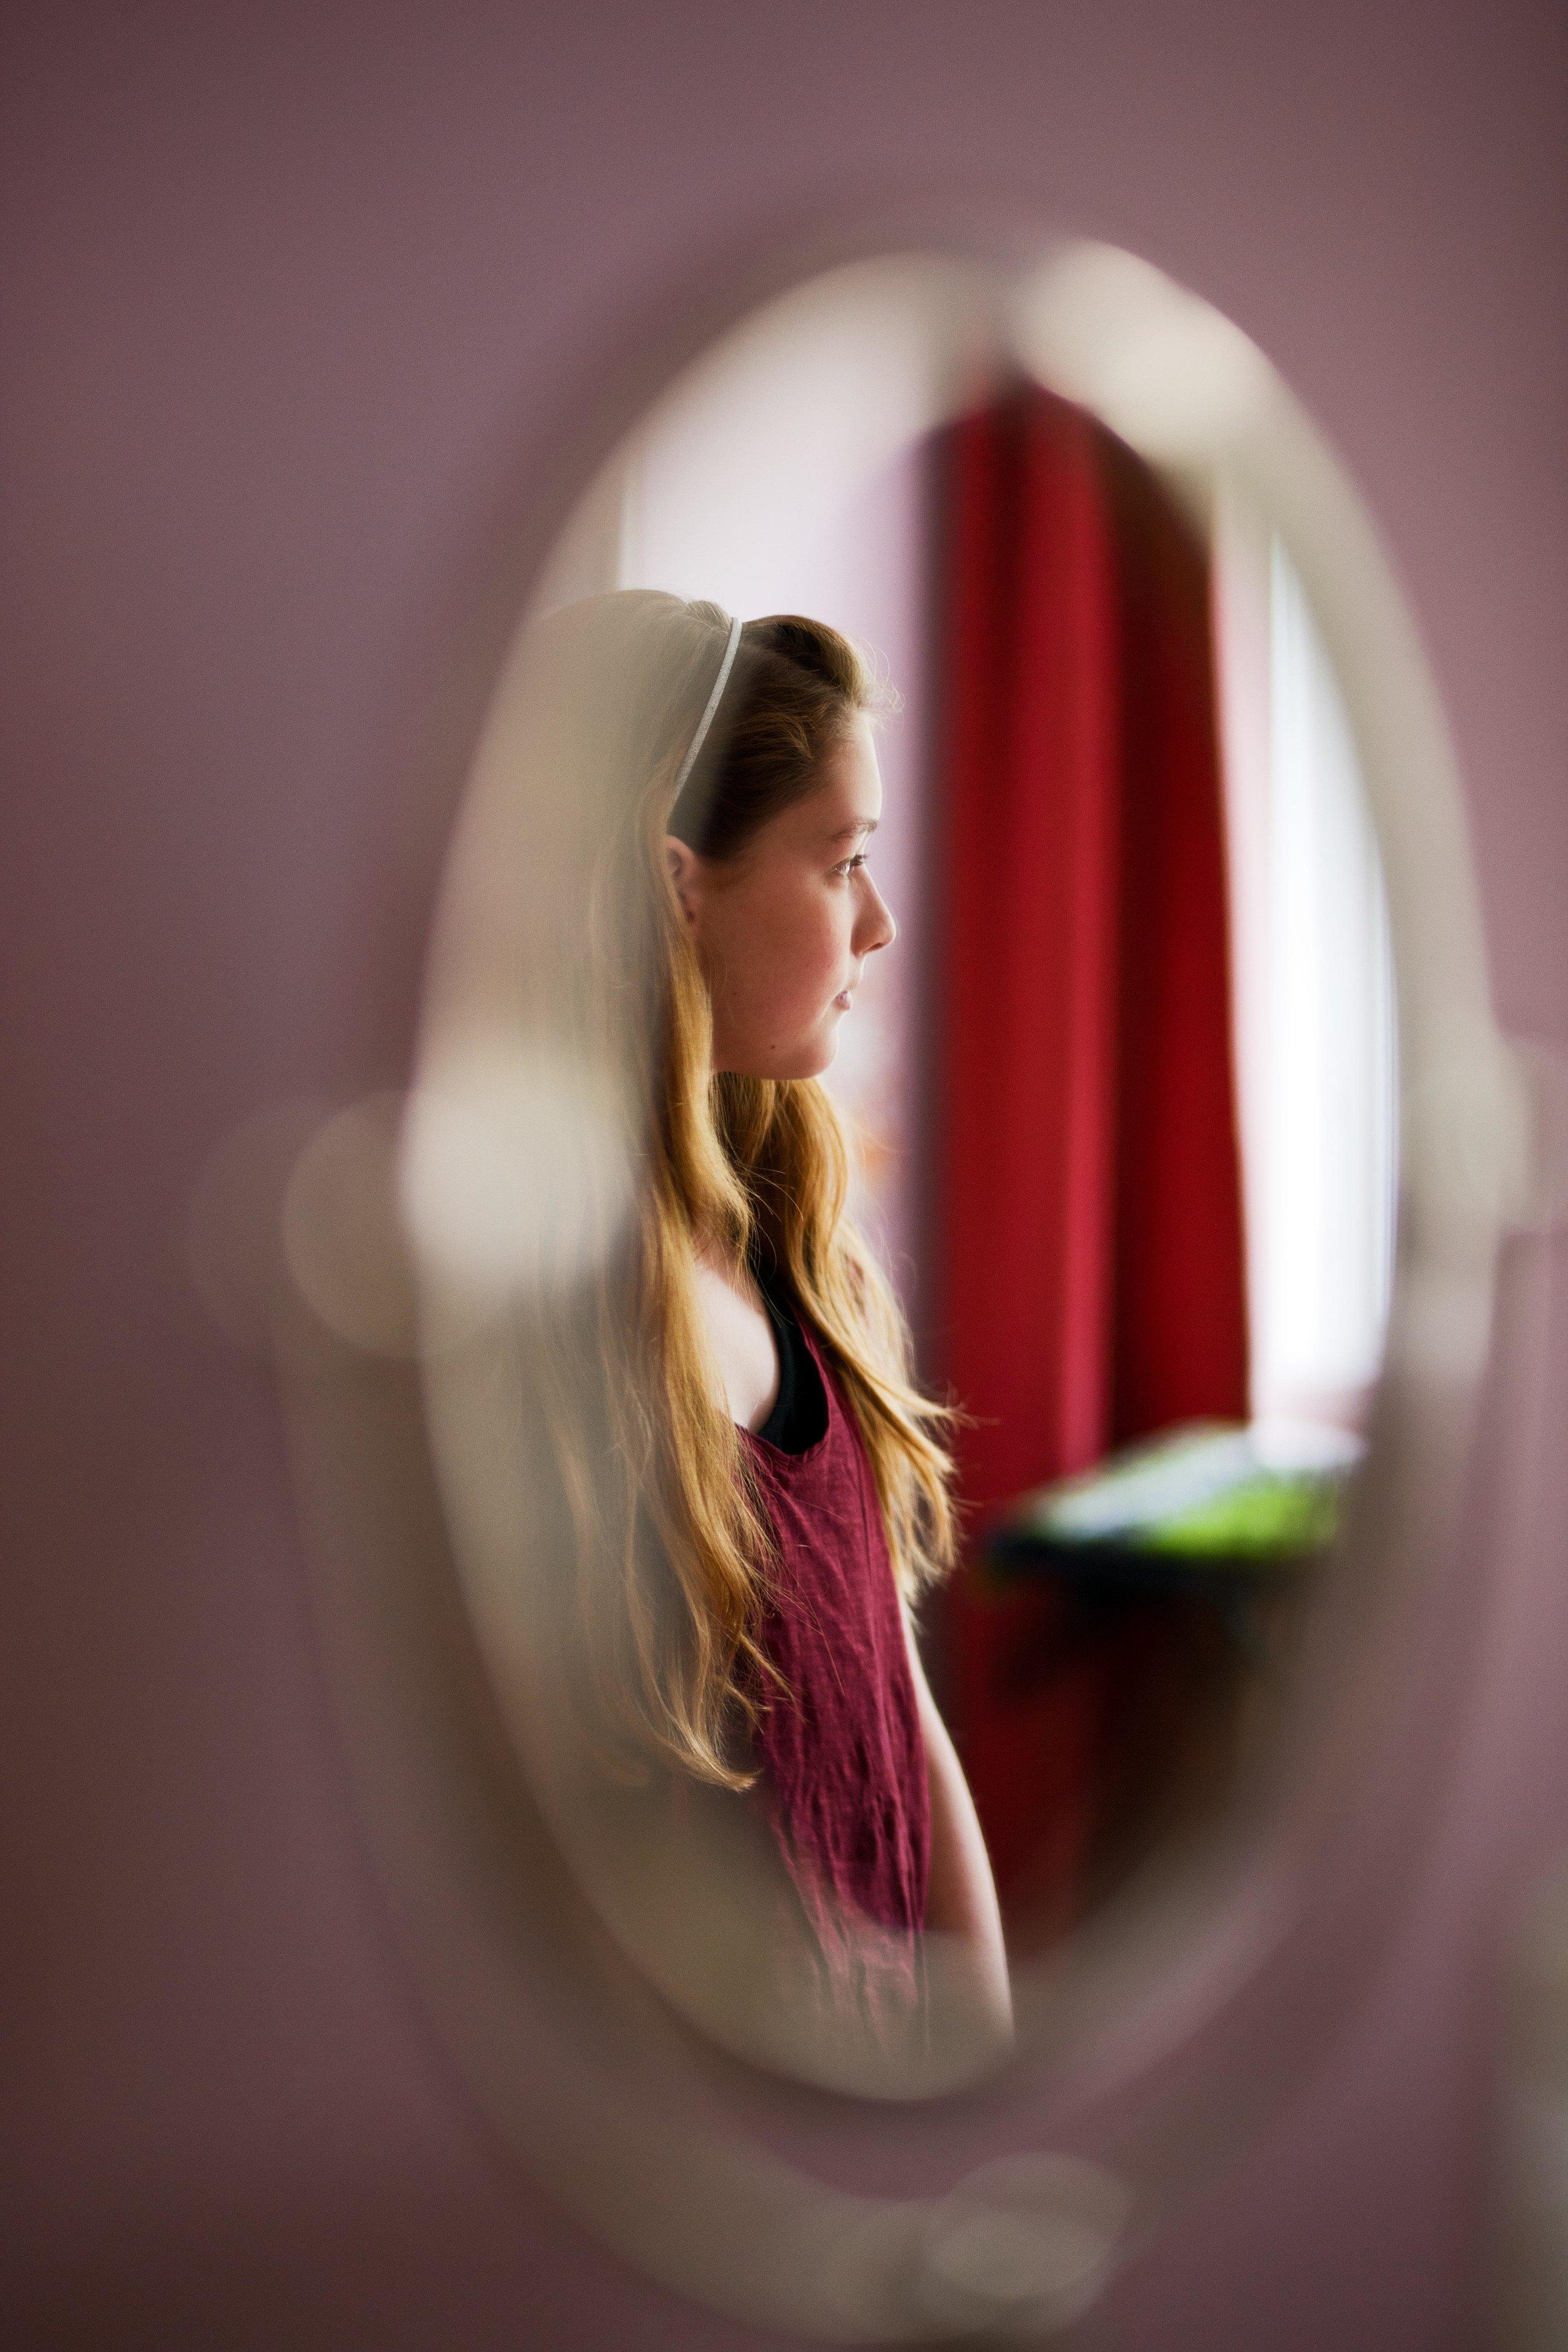 Photographie von Julia Baier